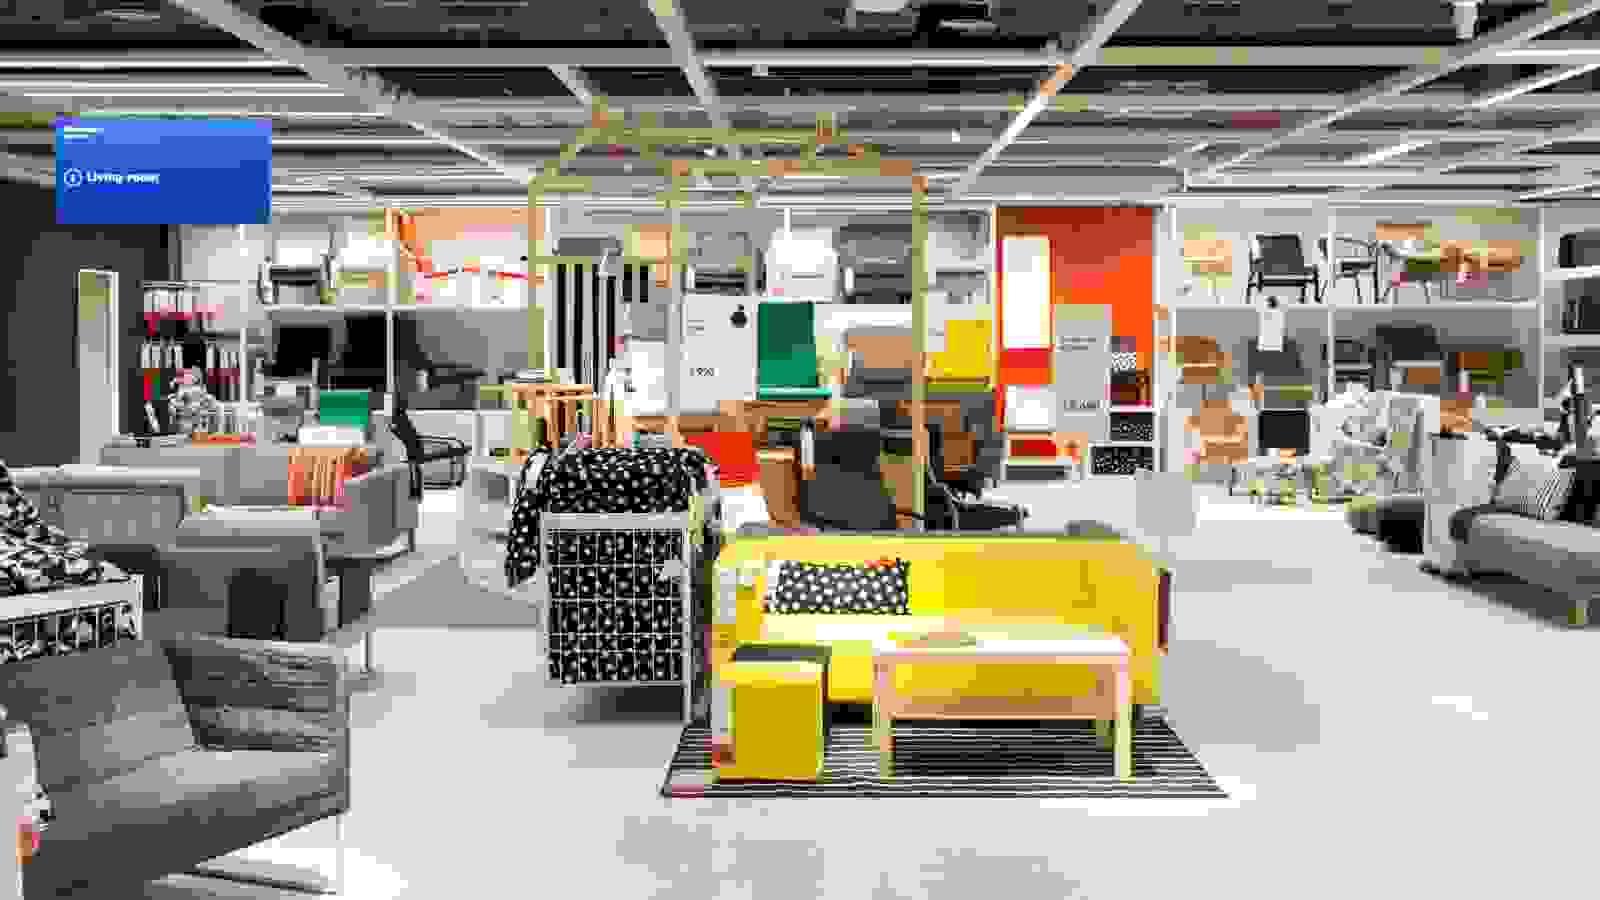 Amazon, artırılmış gerçeklik kullanarak mobilya satarak IKEA ile rekabet etmek istiyor